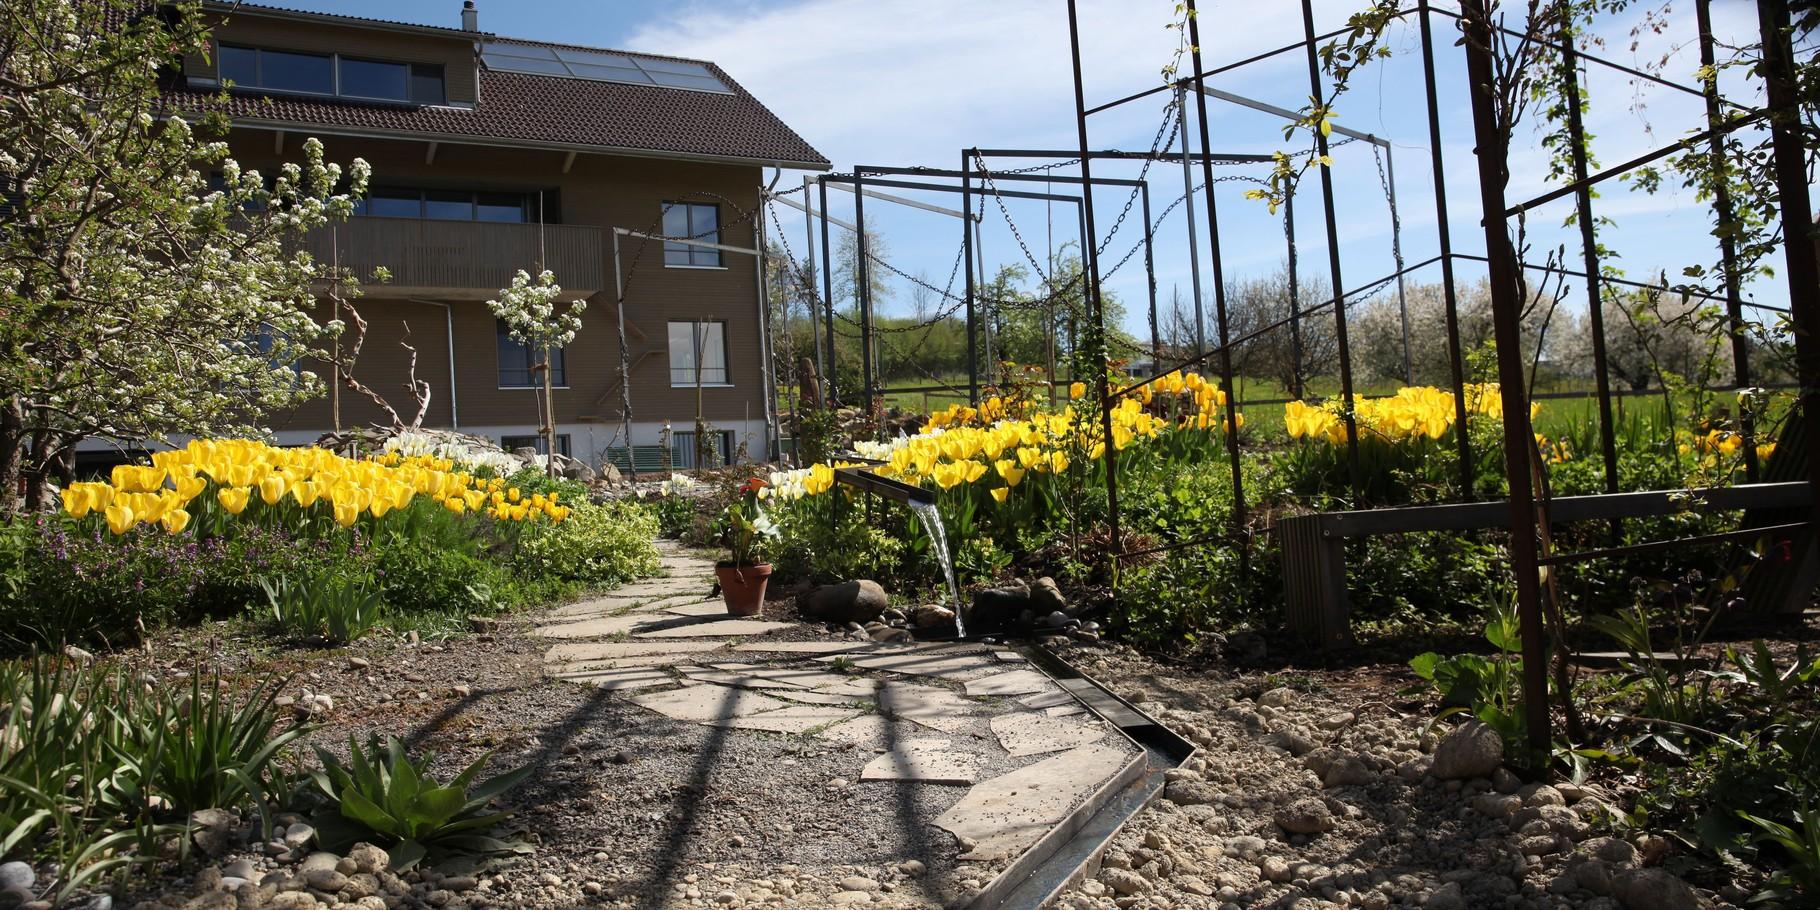 Gartengestaltung Metall Design